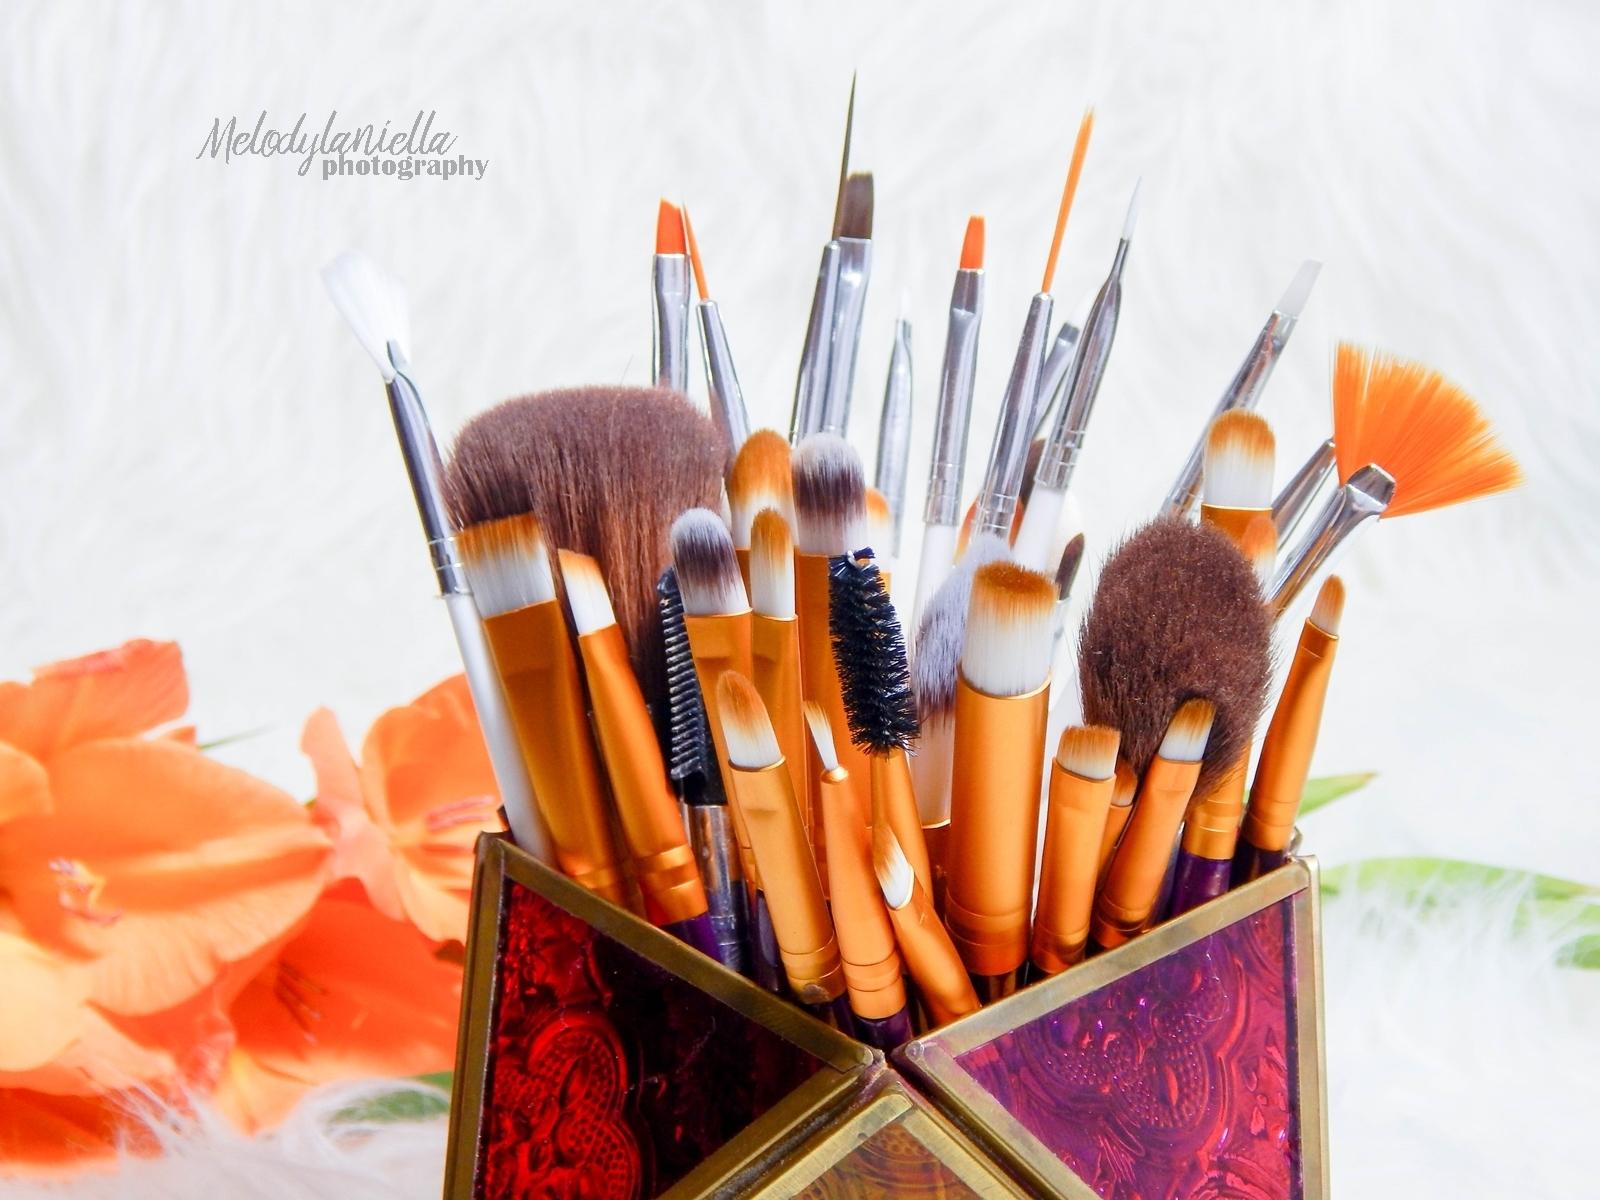 008 chińskie pędzle do makijazu gamiss makeup brushes czy warto kupować w chińskich sklepach melodylaniella